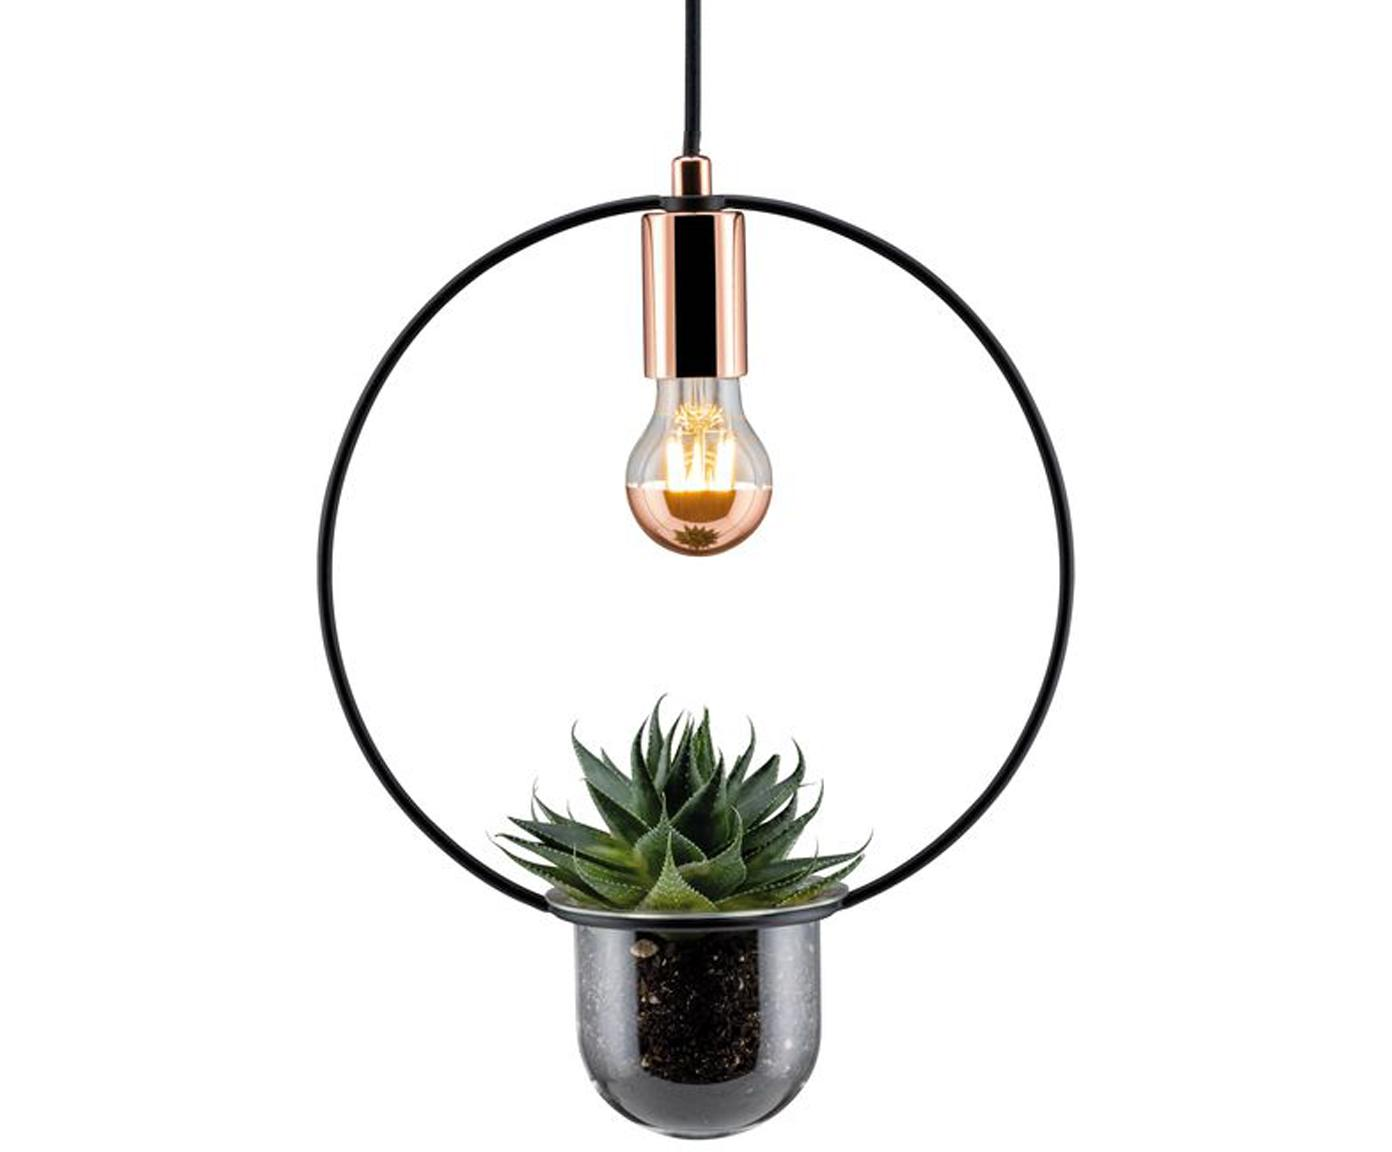 Hanglamp Tasja met plantenpot, Zwart, koperkleurig, 30 x 44 cm